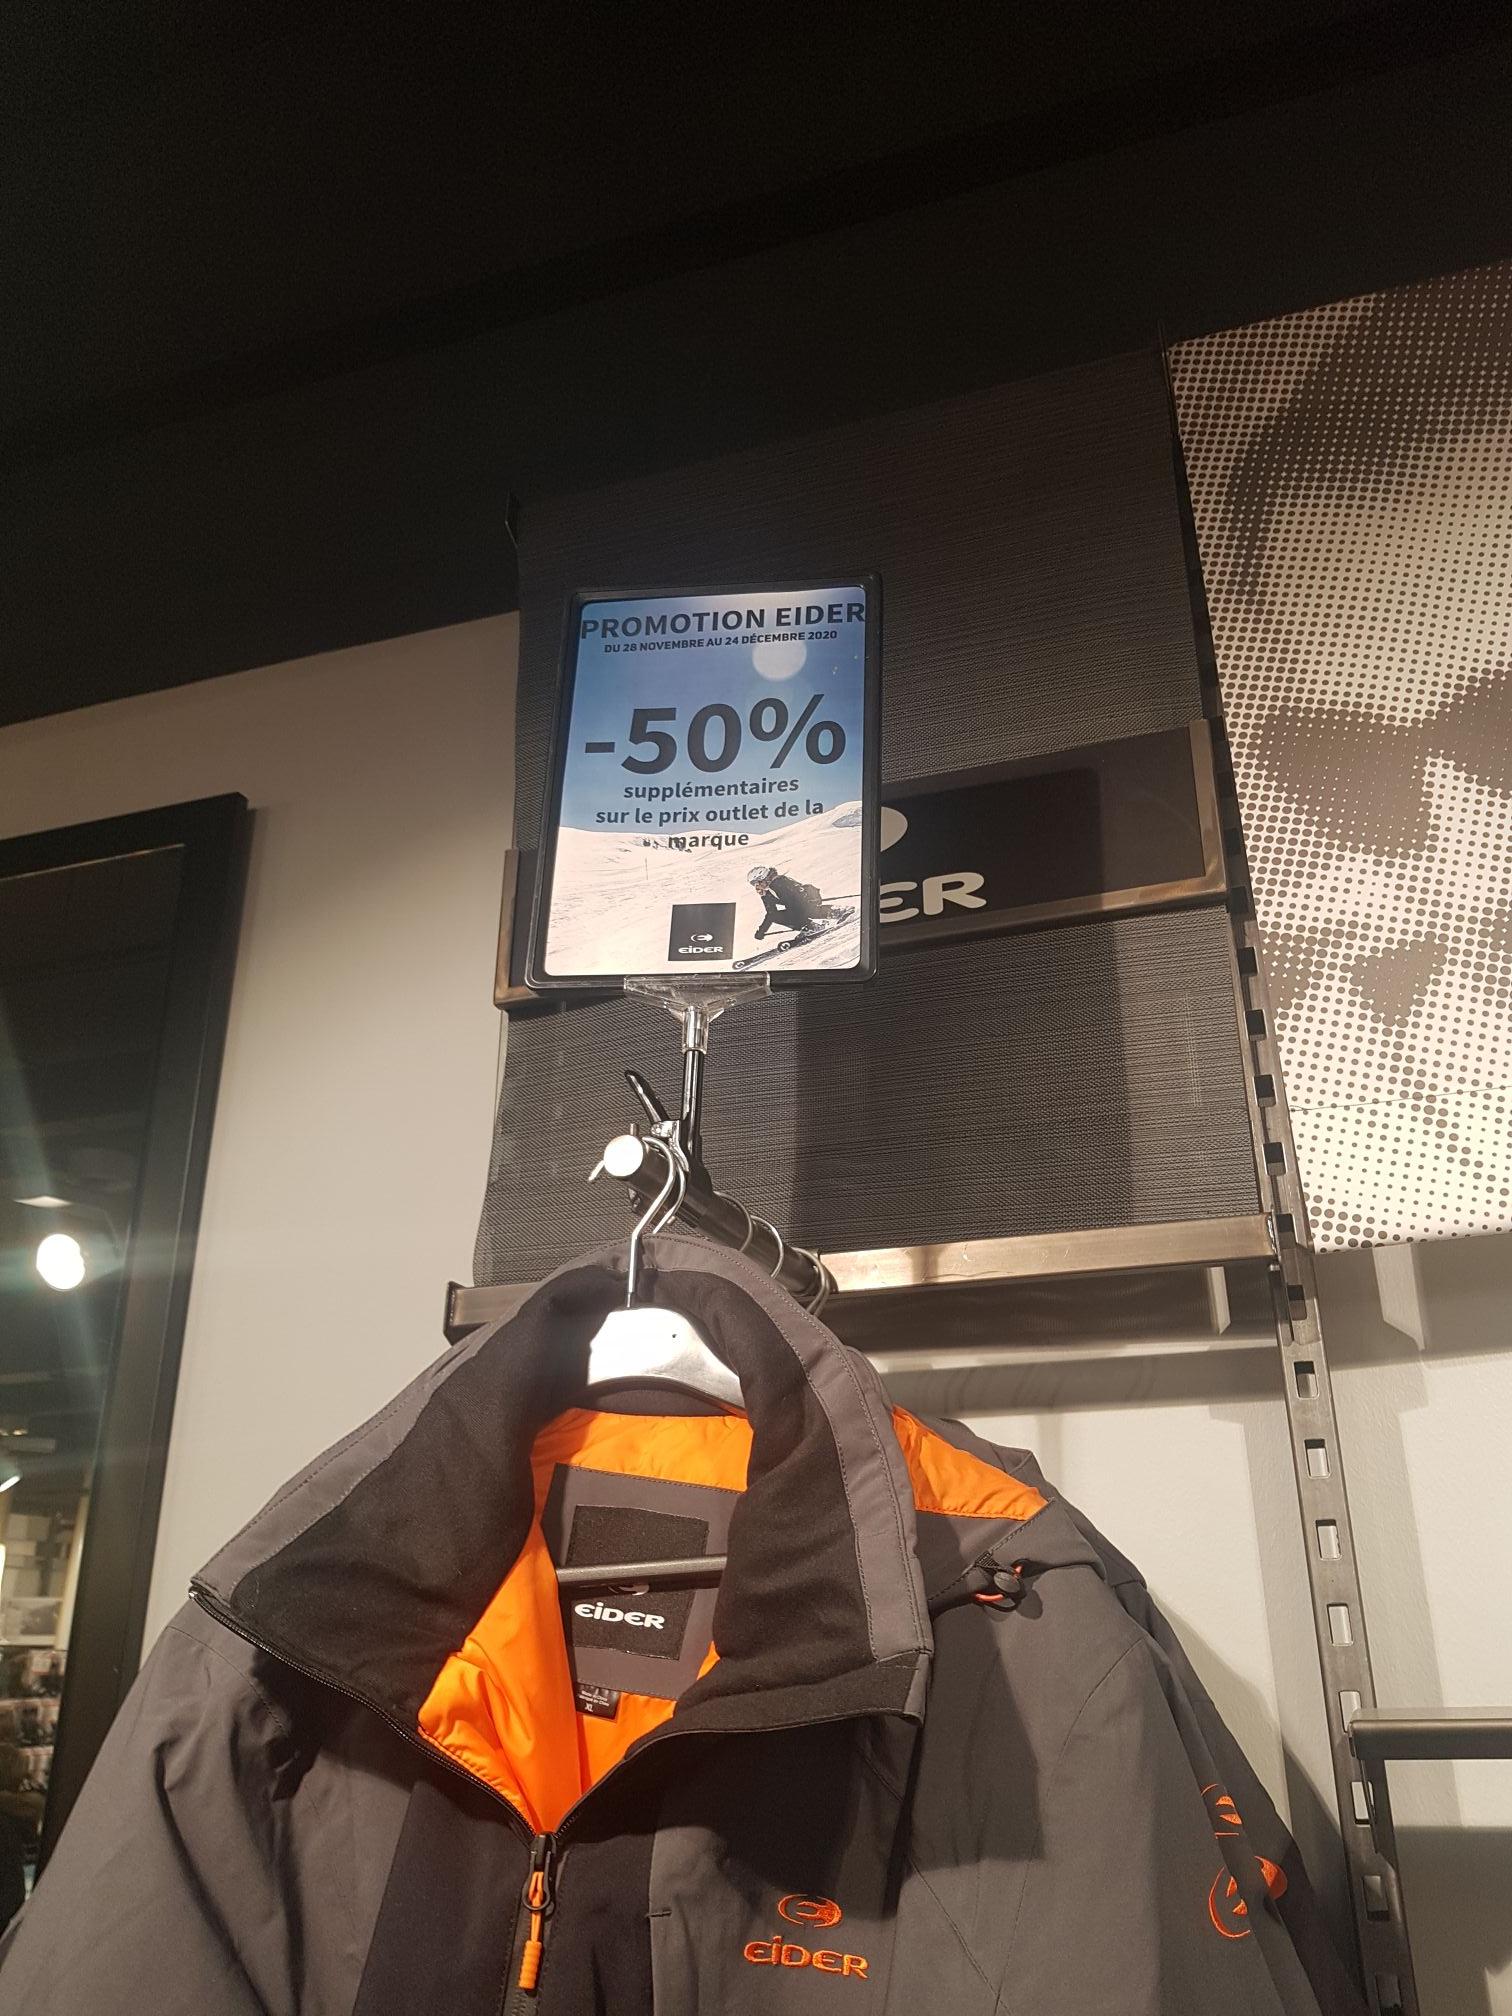 50% de réduction supplémentaire sur le prix Outlet de la marque Eider - Roubaix (59)